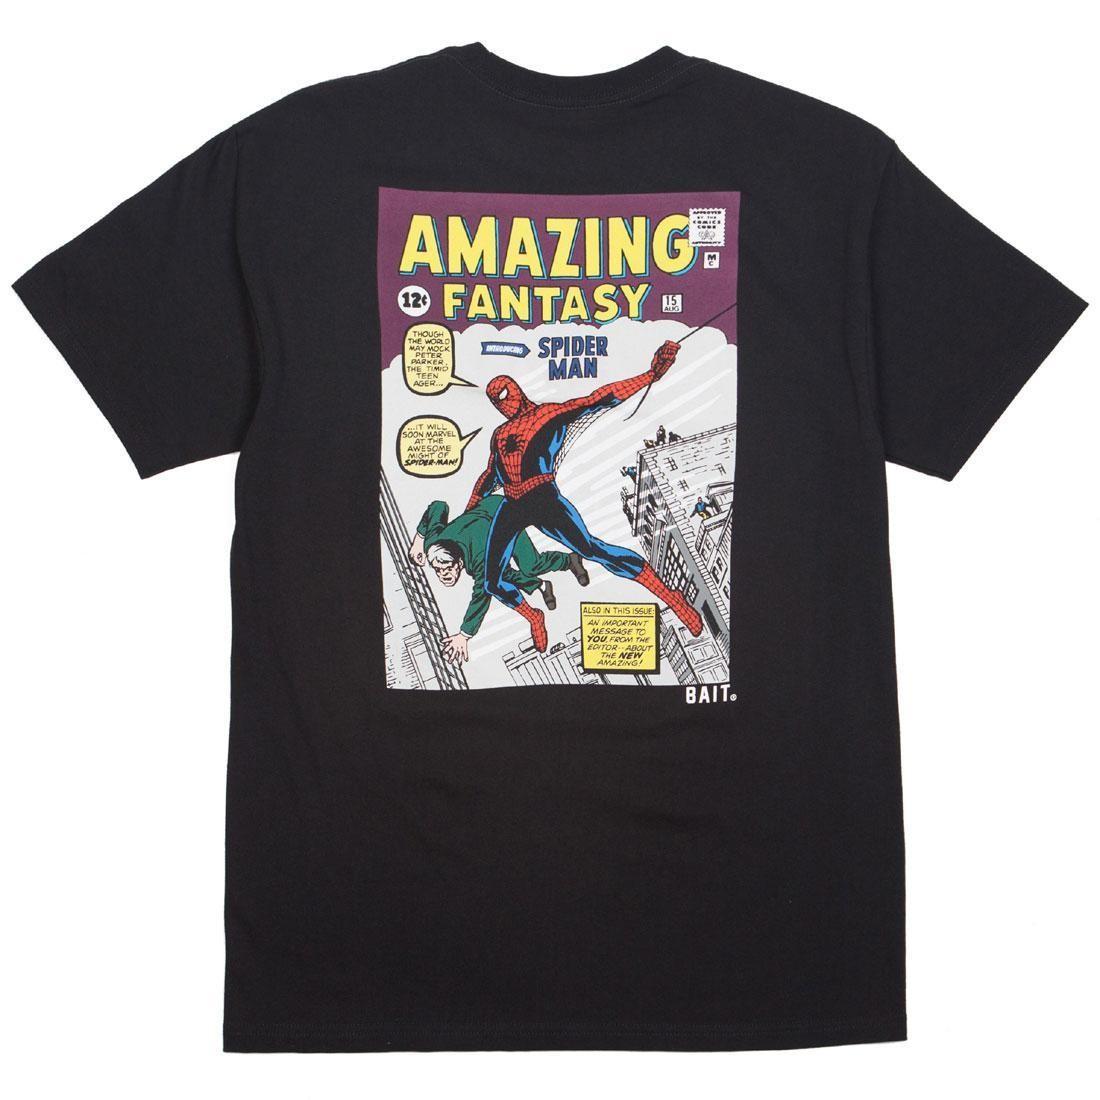 ベイト BAIT コミックス Tシャツ 黒 ブラック 【 BLACK BAIT X MARVEL COMICS MEN AMAZING SPIDERMAN TEE 】 メンズファッション トップス Tシャツ カットソー